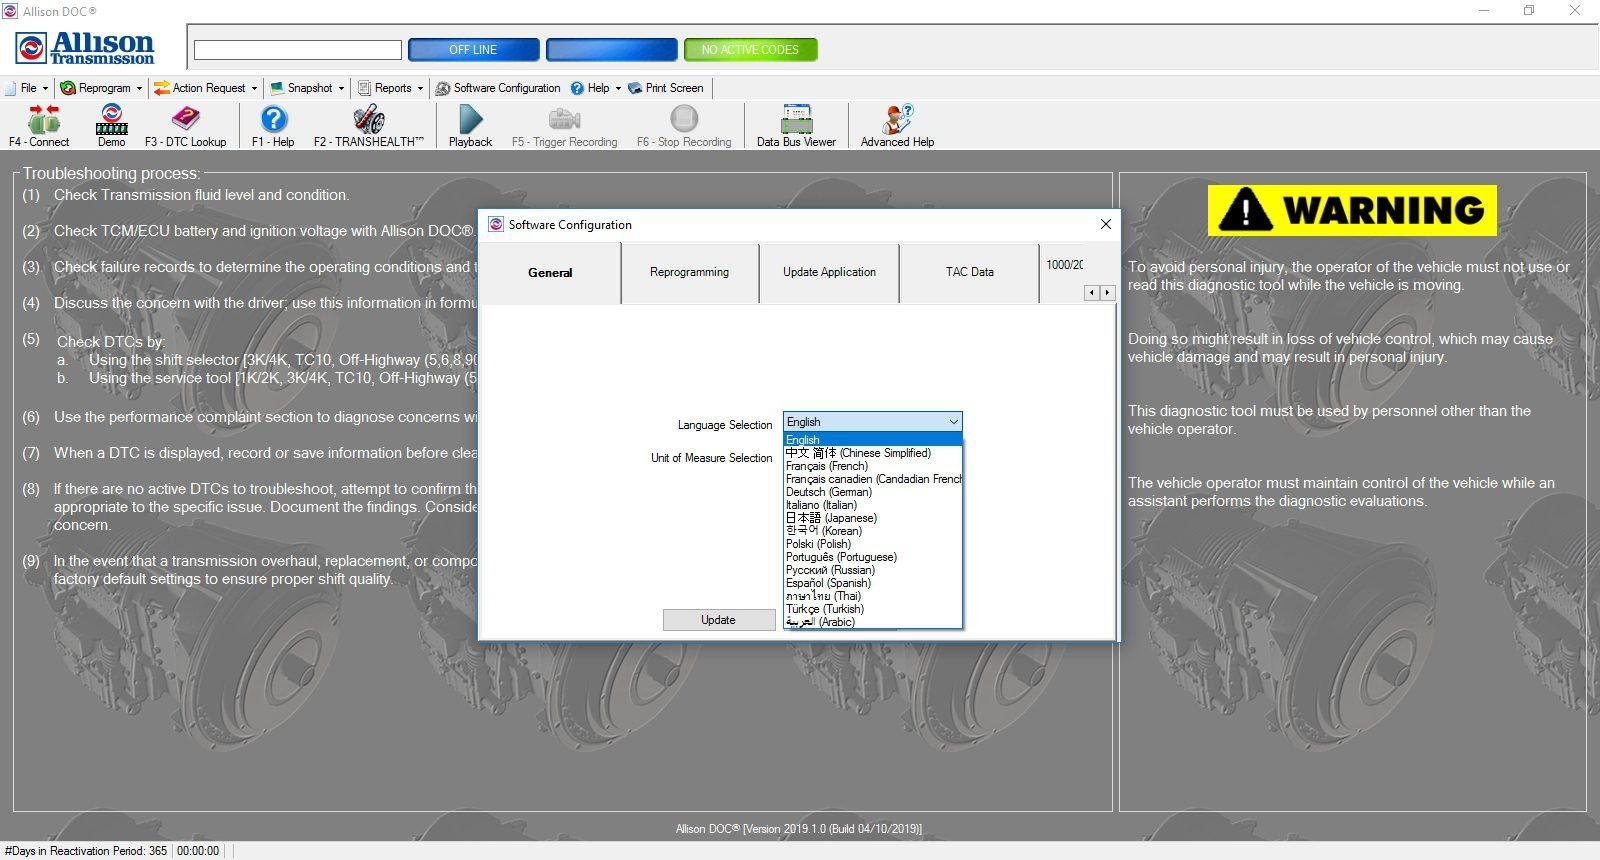 Universal_Allison_DOC_v201910_Build_042019_Transmission_Diagnostic_Software_Full_Instruction_14